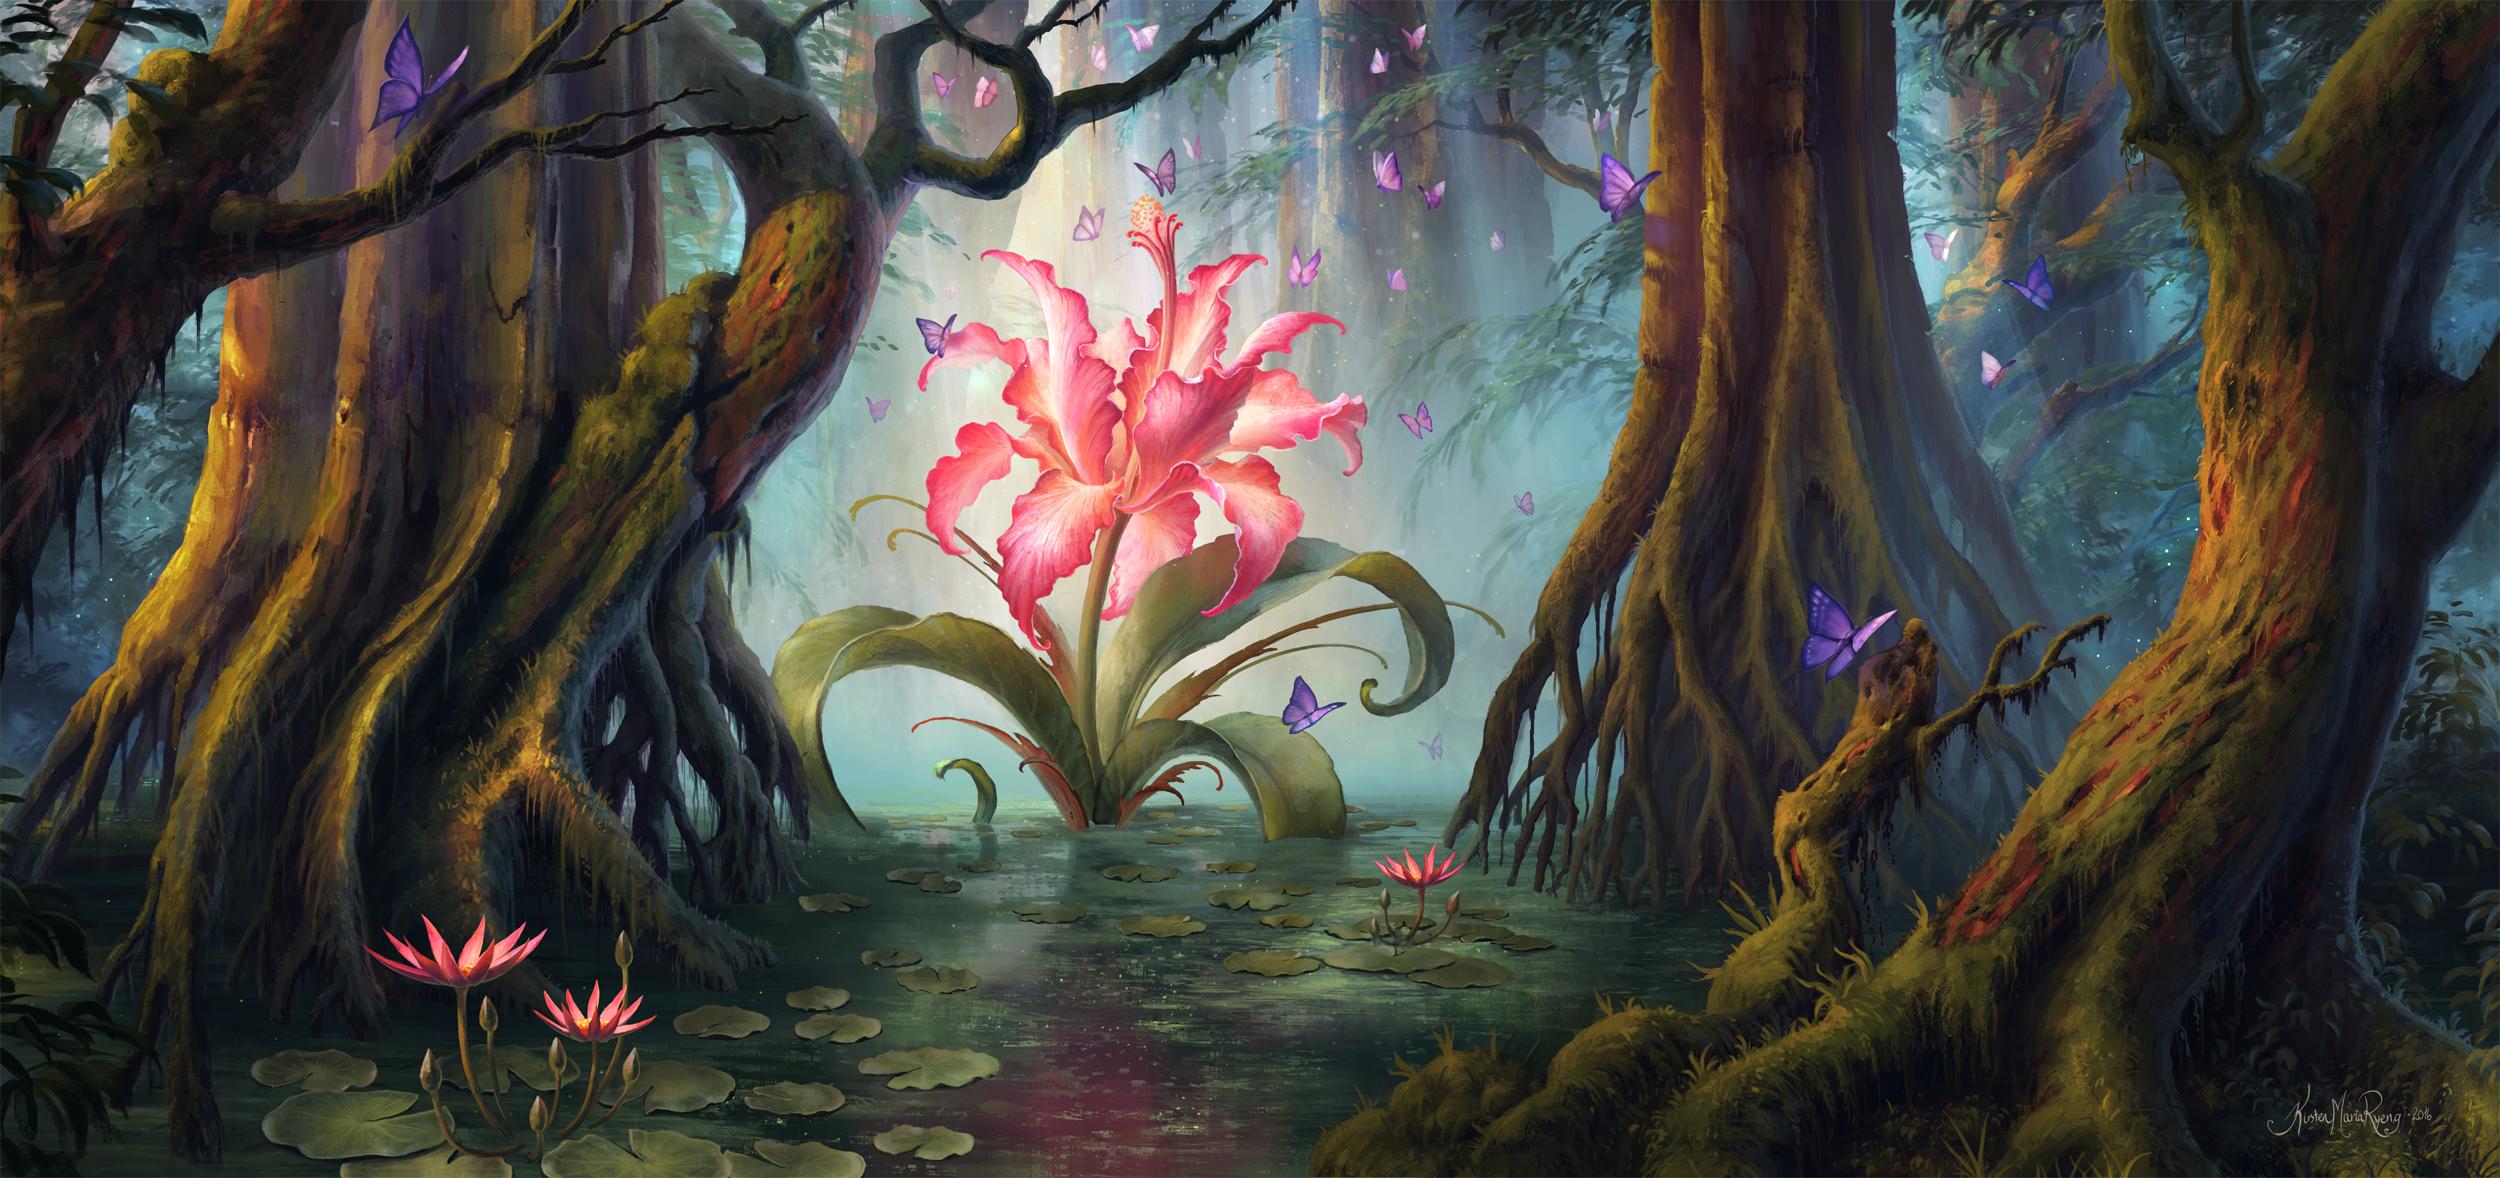 Swamp Lilies by Kiarya on DeviantArt